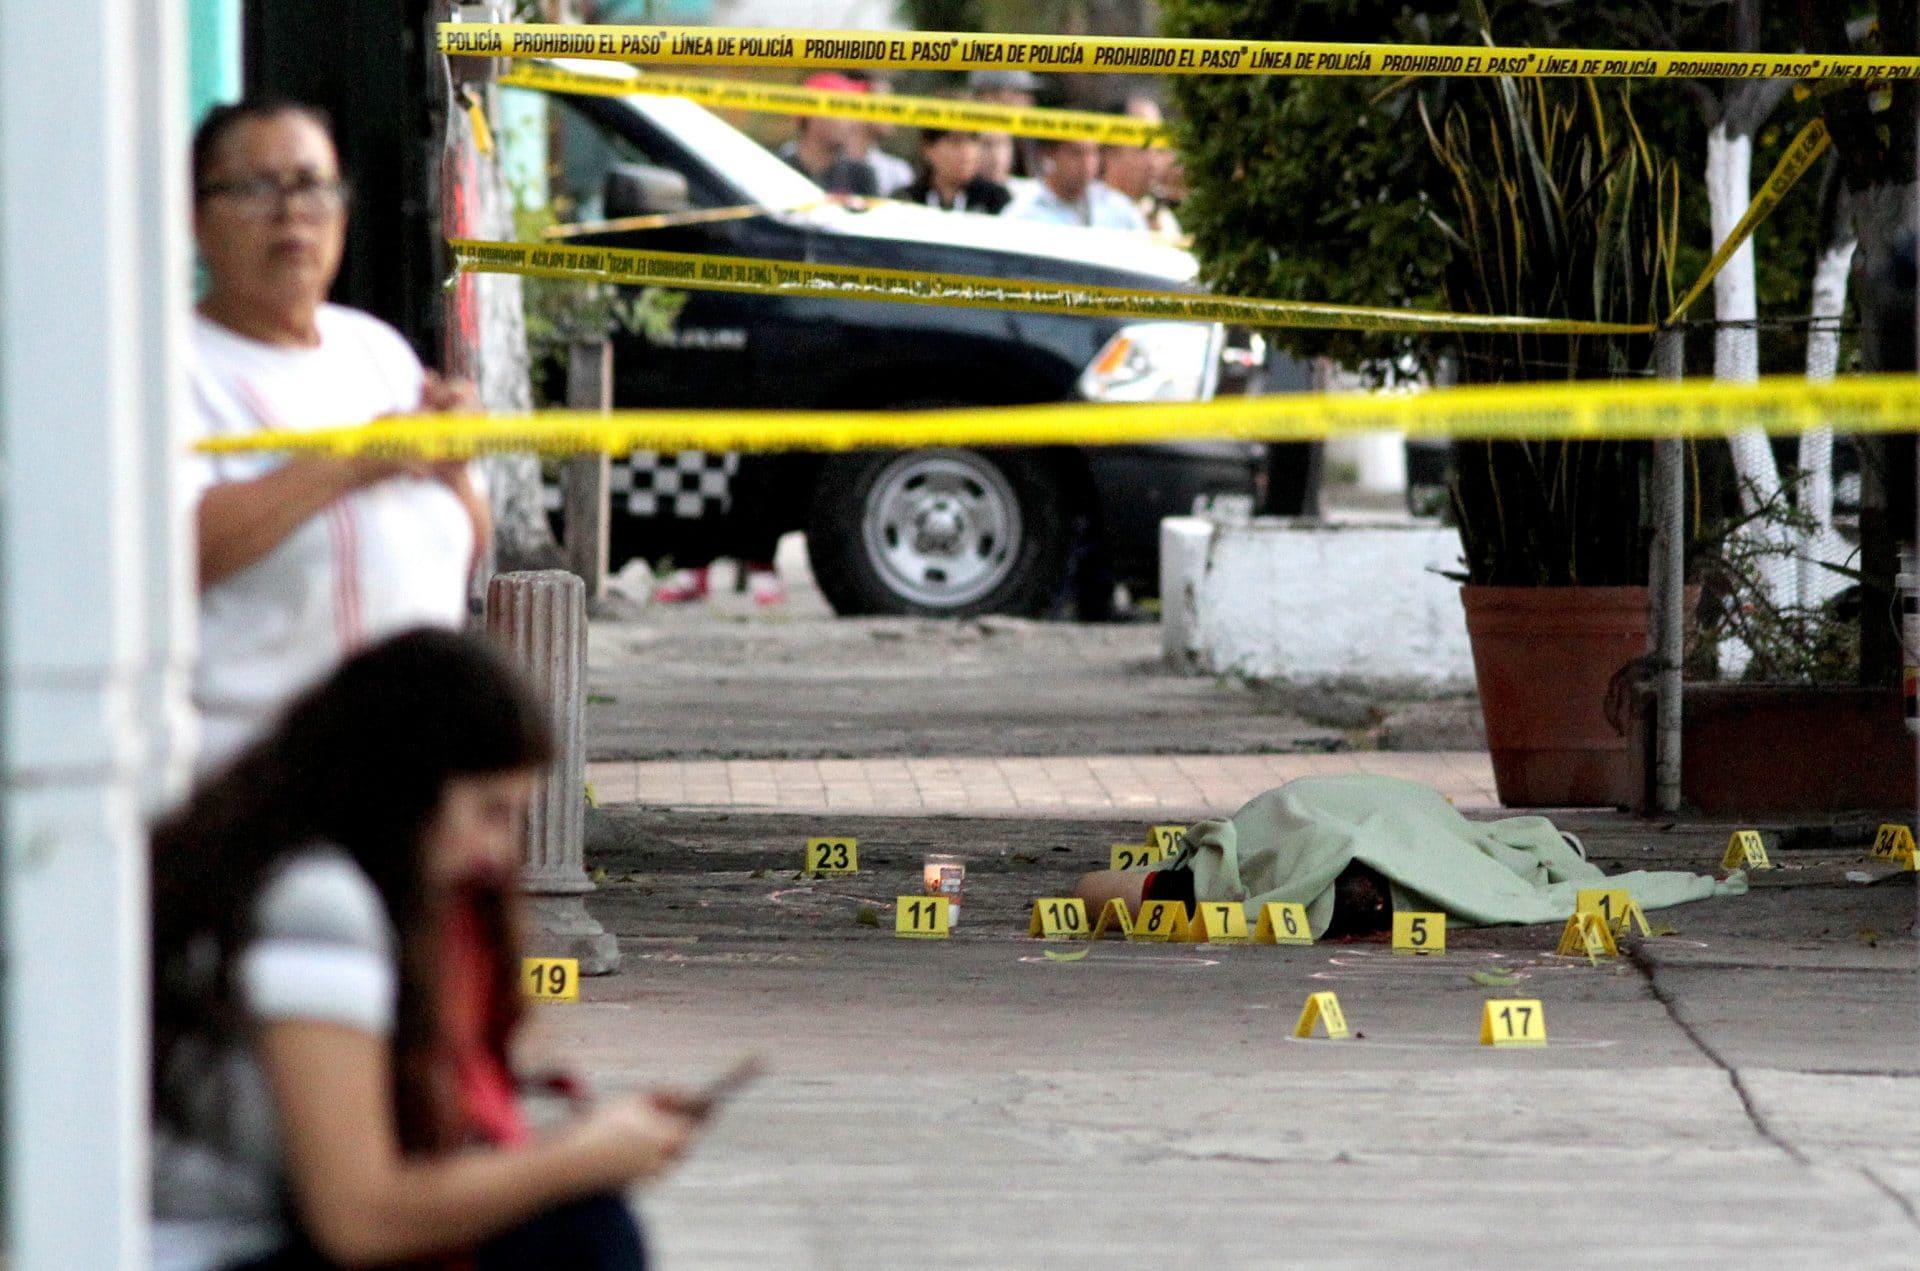 Città del Messico, 3 morti in attacco al capo della sicurezza